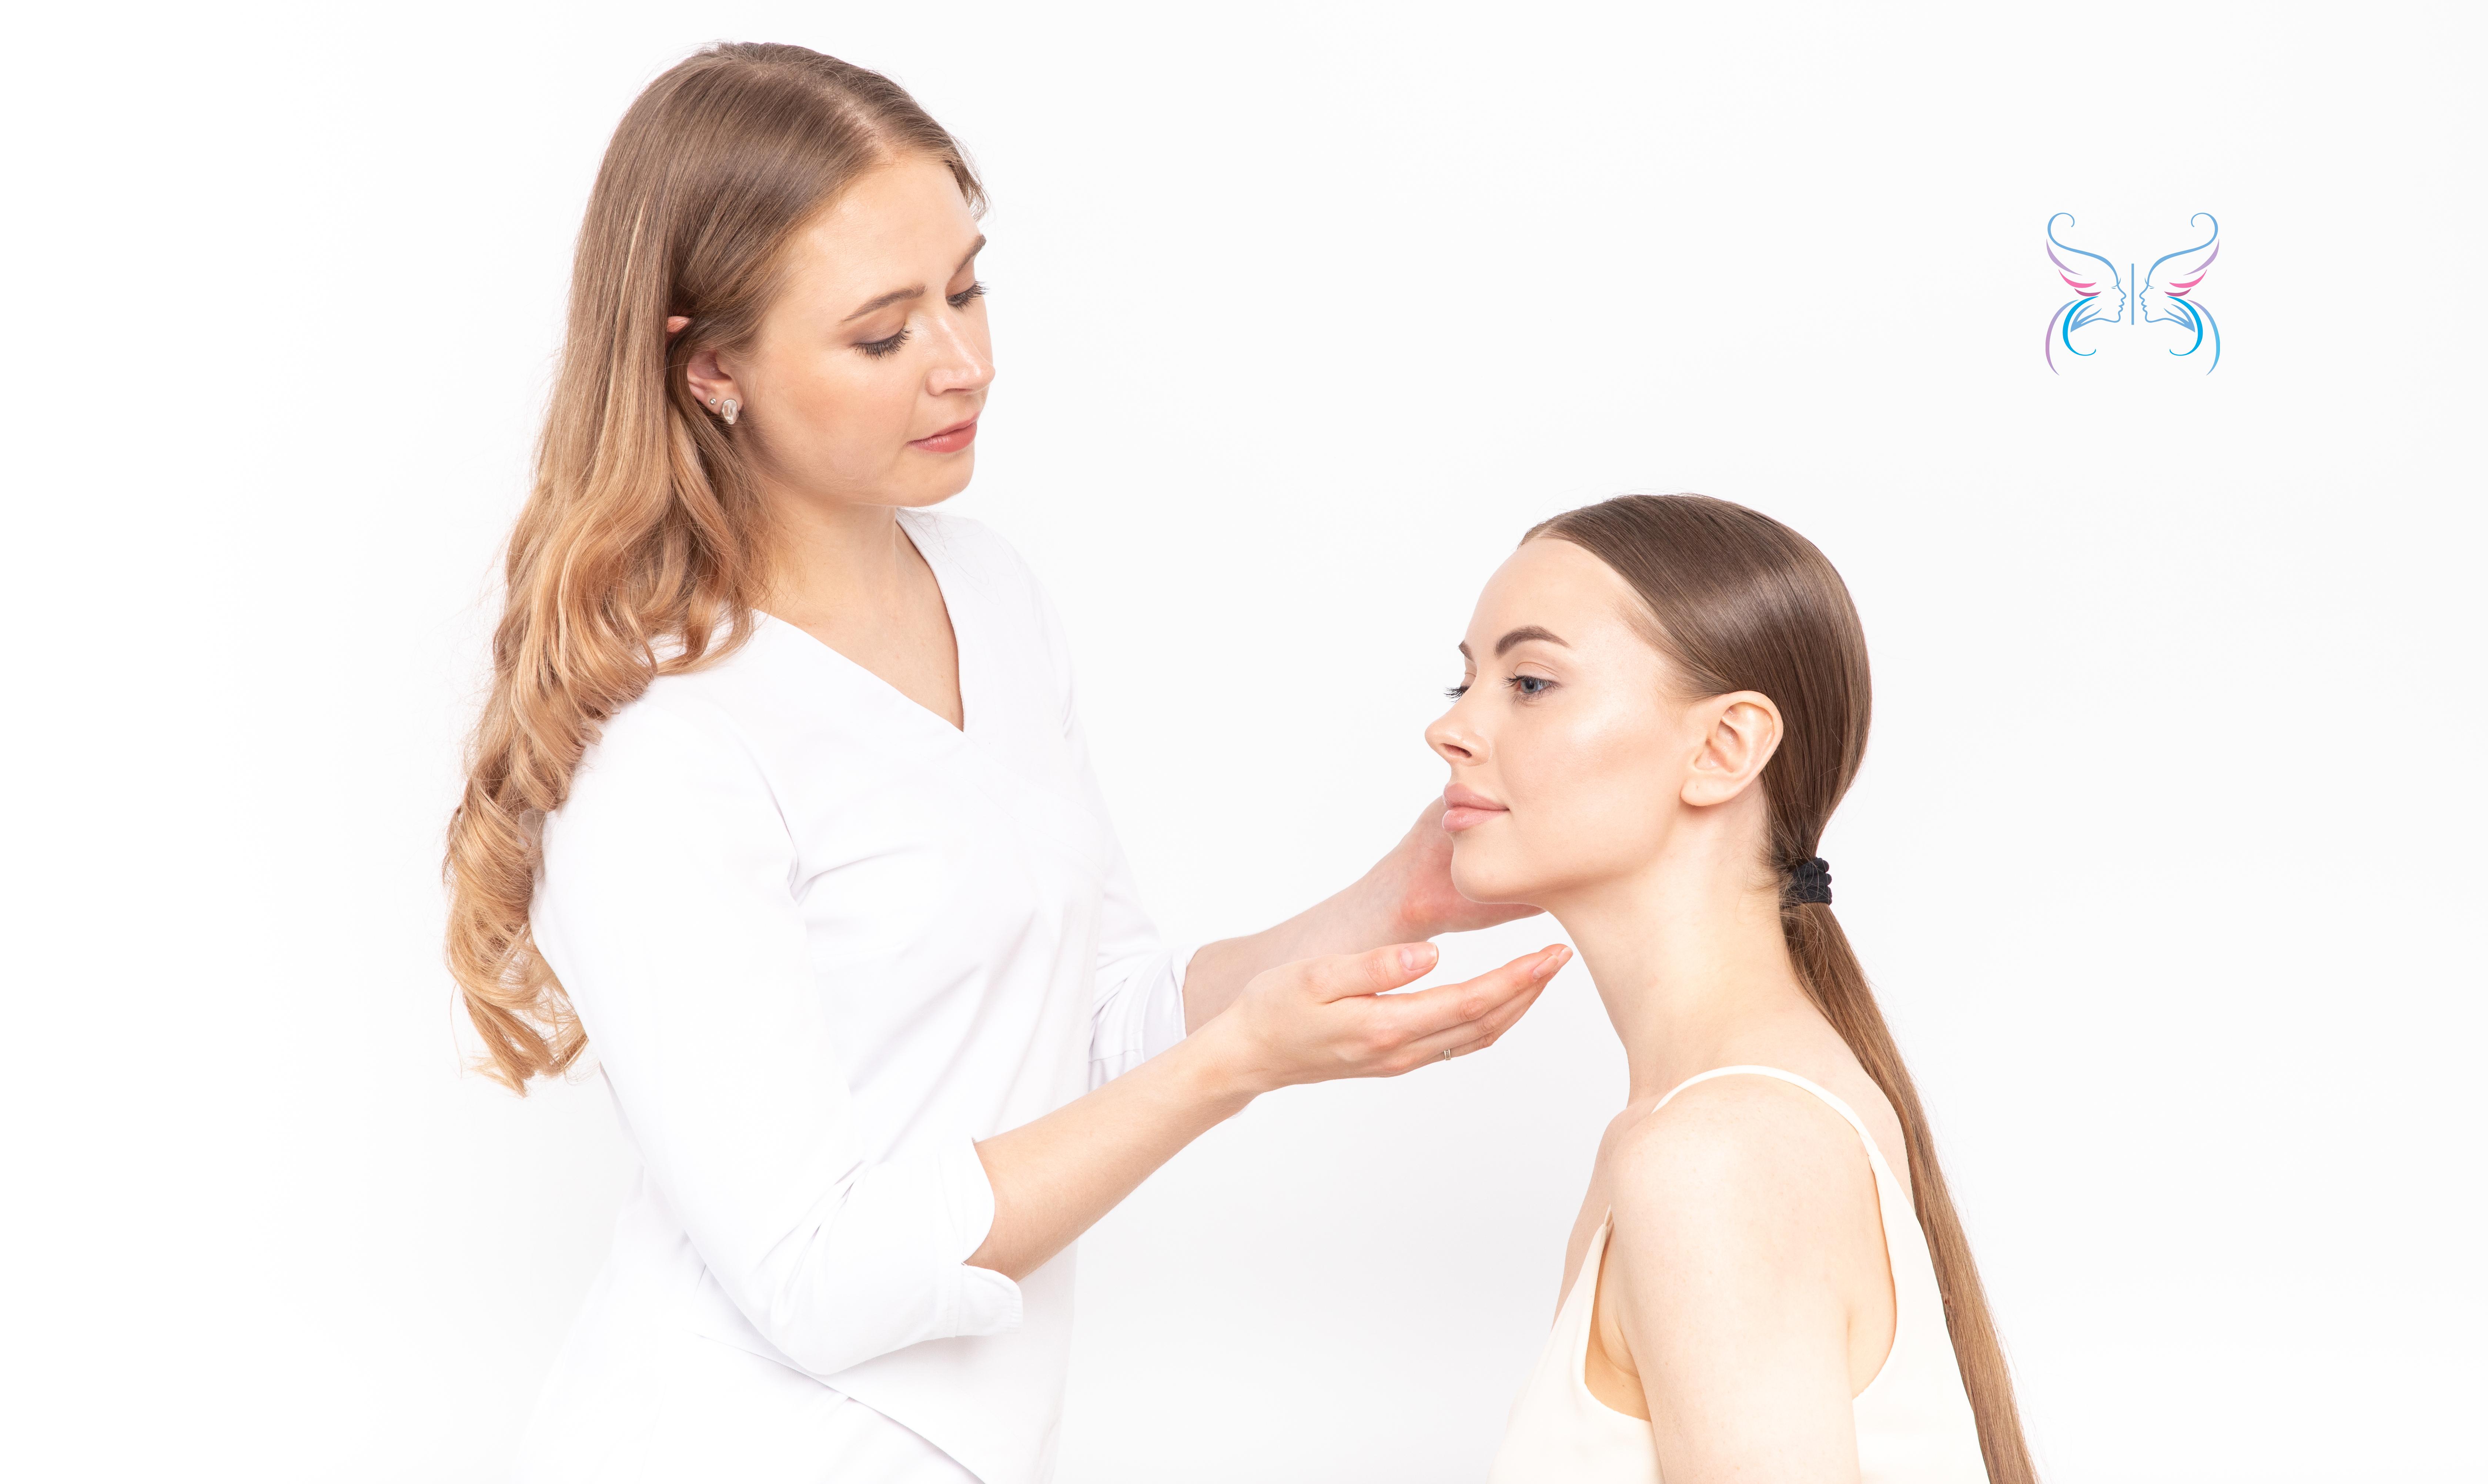 Осмотр у врача косметолога